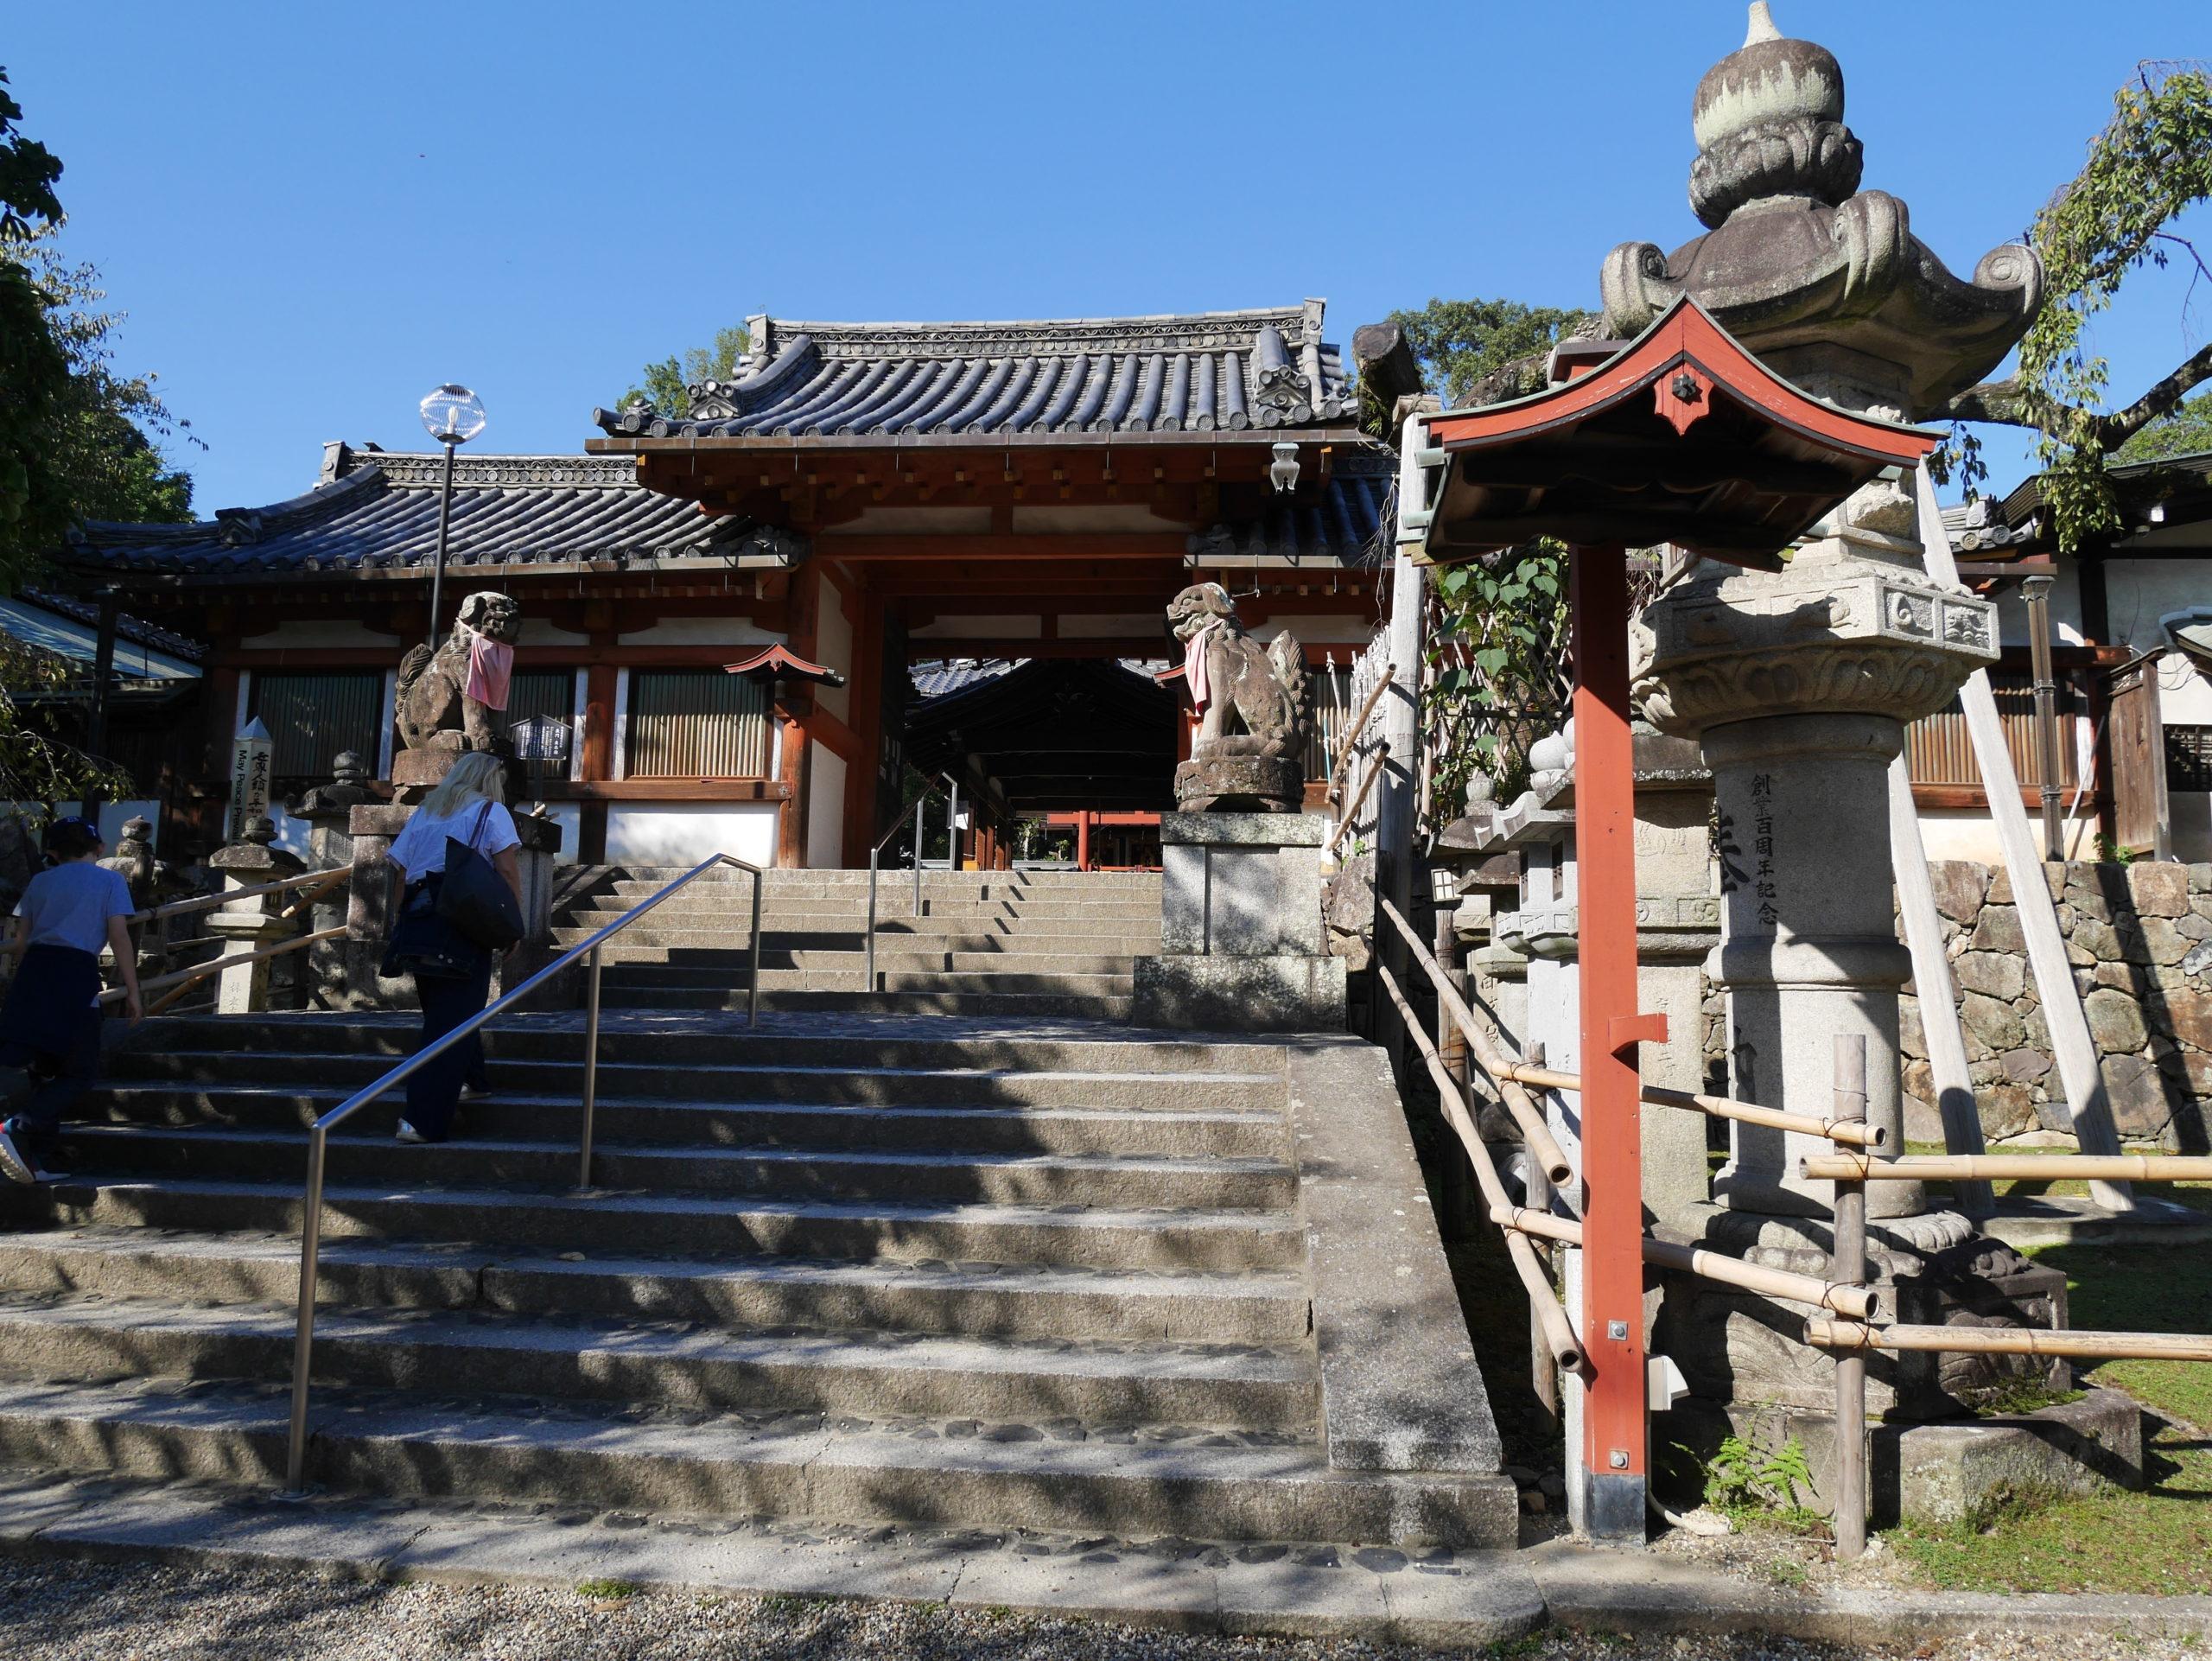 奈良公園周辺の御朱印をご紹介